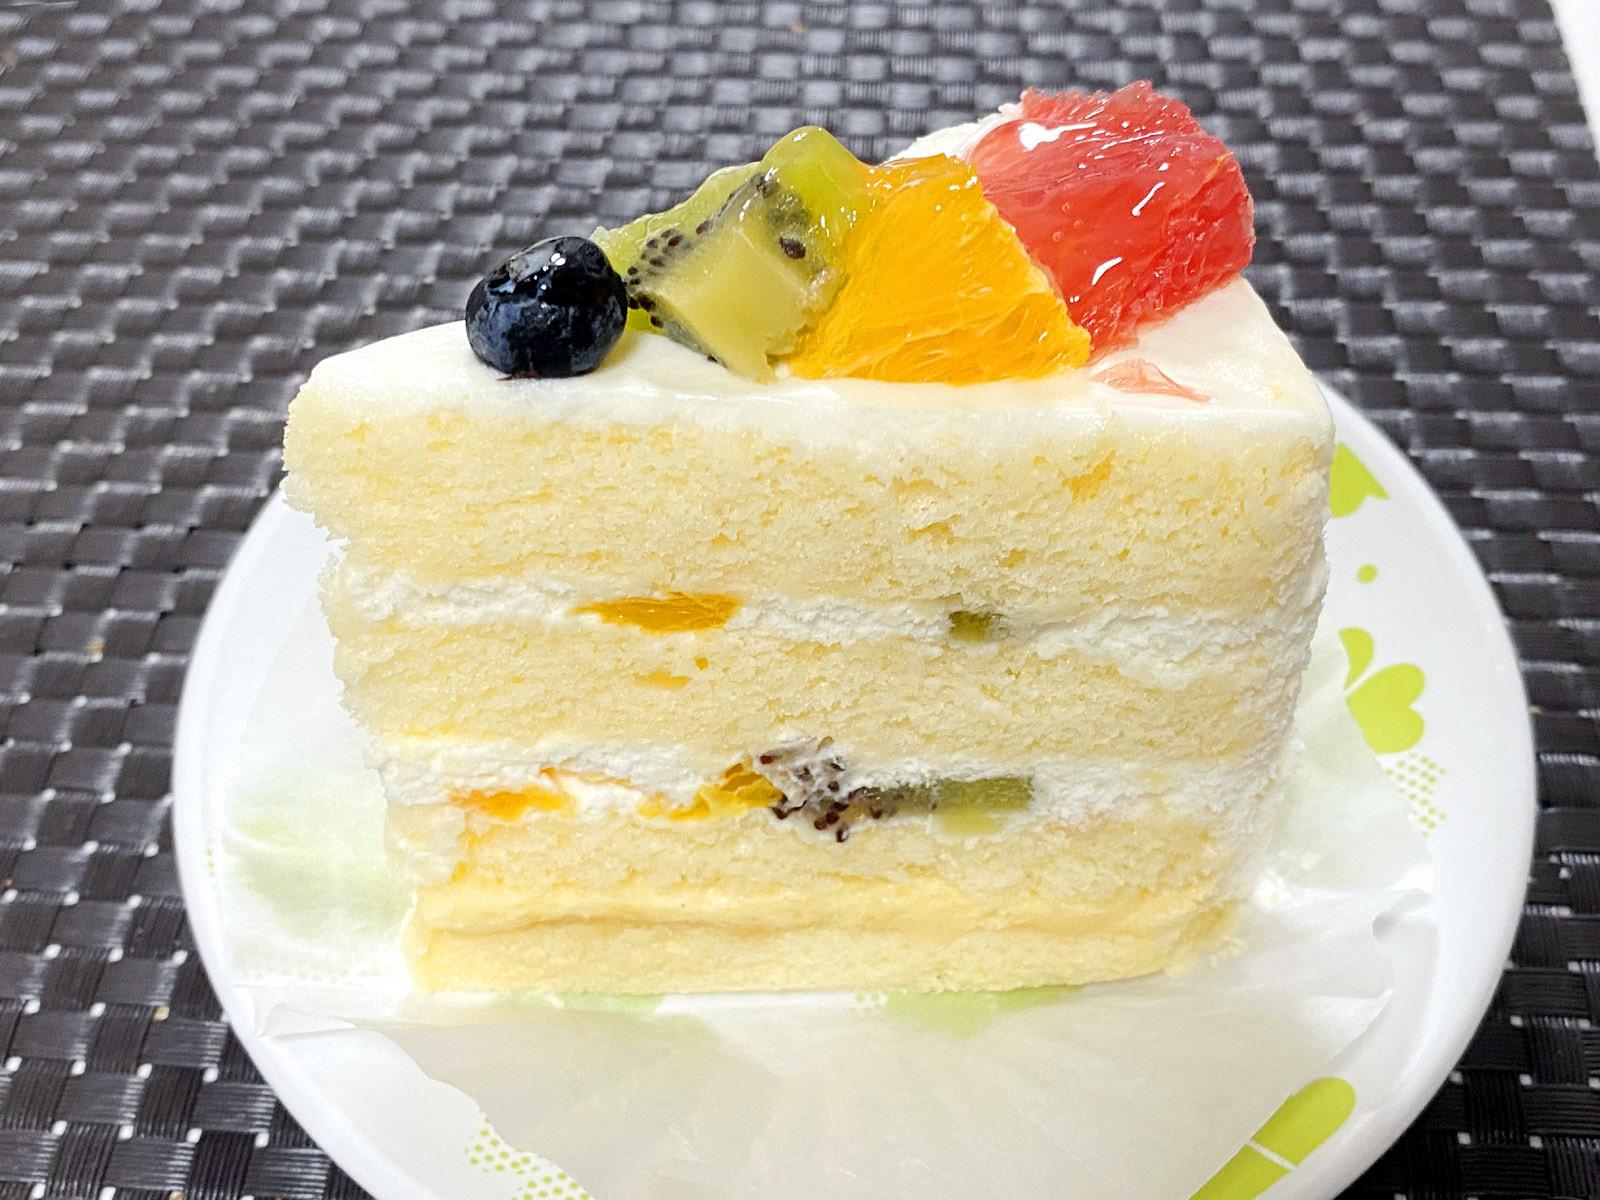 フルーツショートケーキ 420円